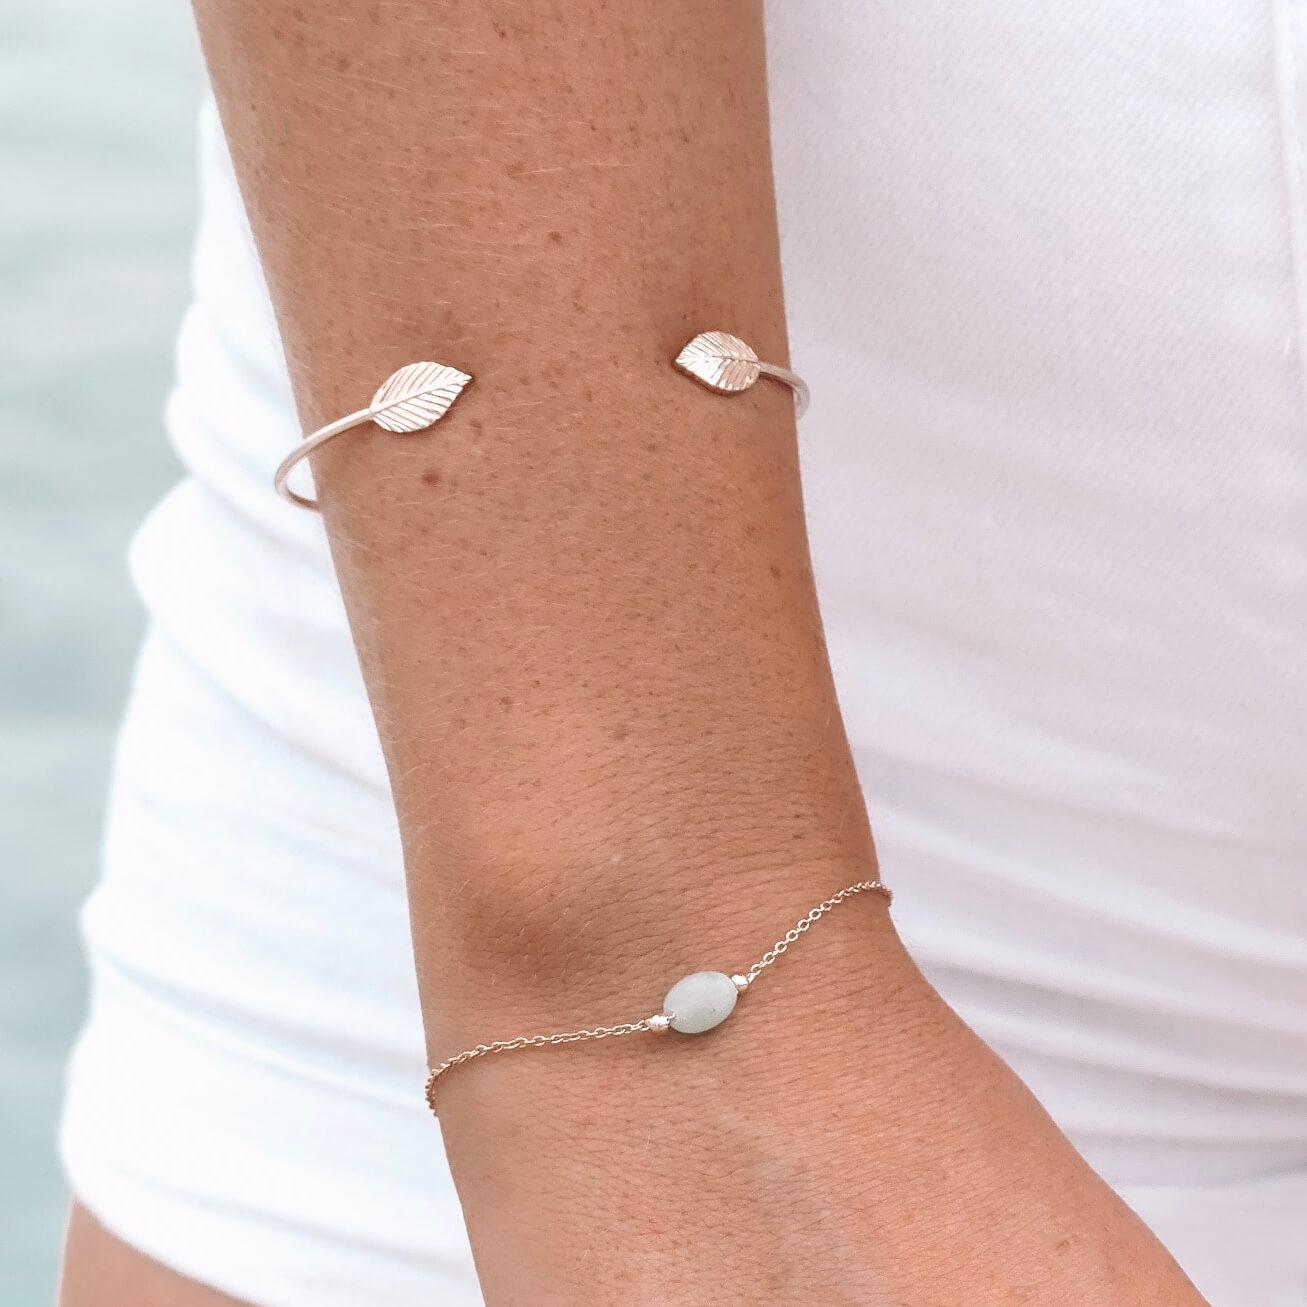 Bracelet Emma amazonite - Bijou Cénélia